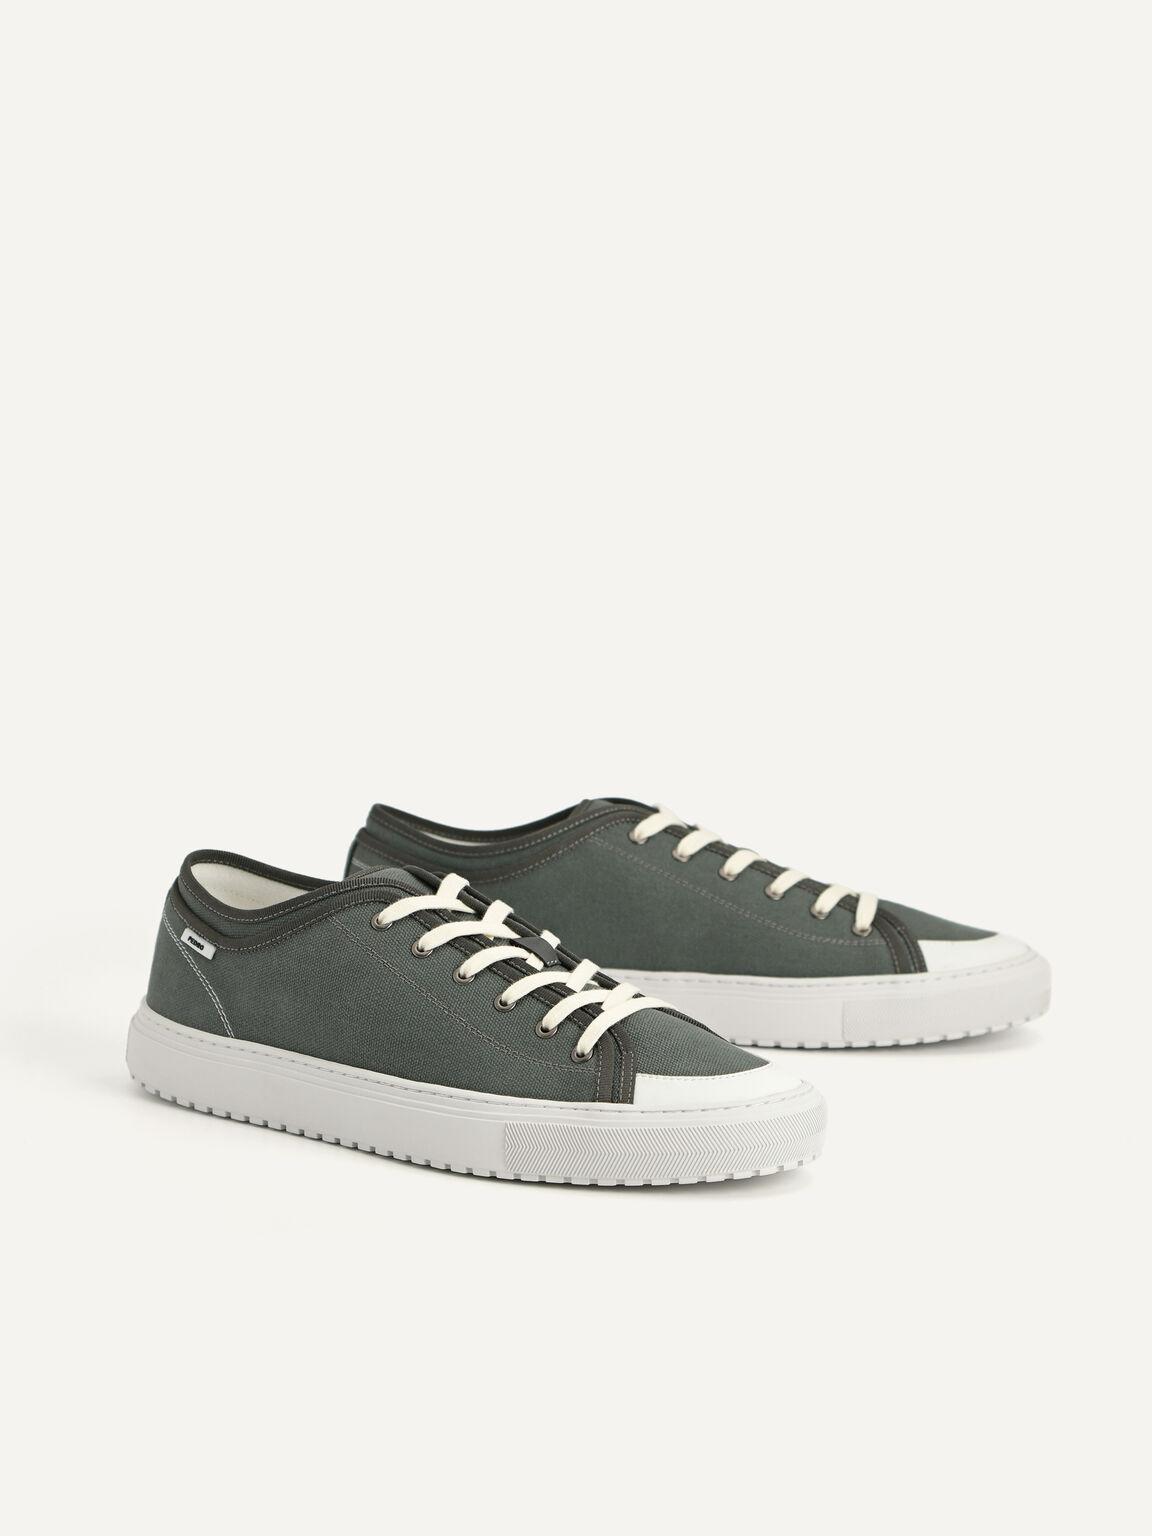 Atlas Sneakers, Military Green, hi-res